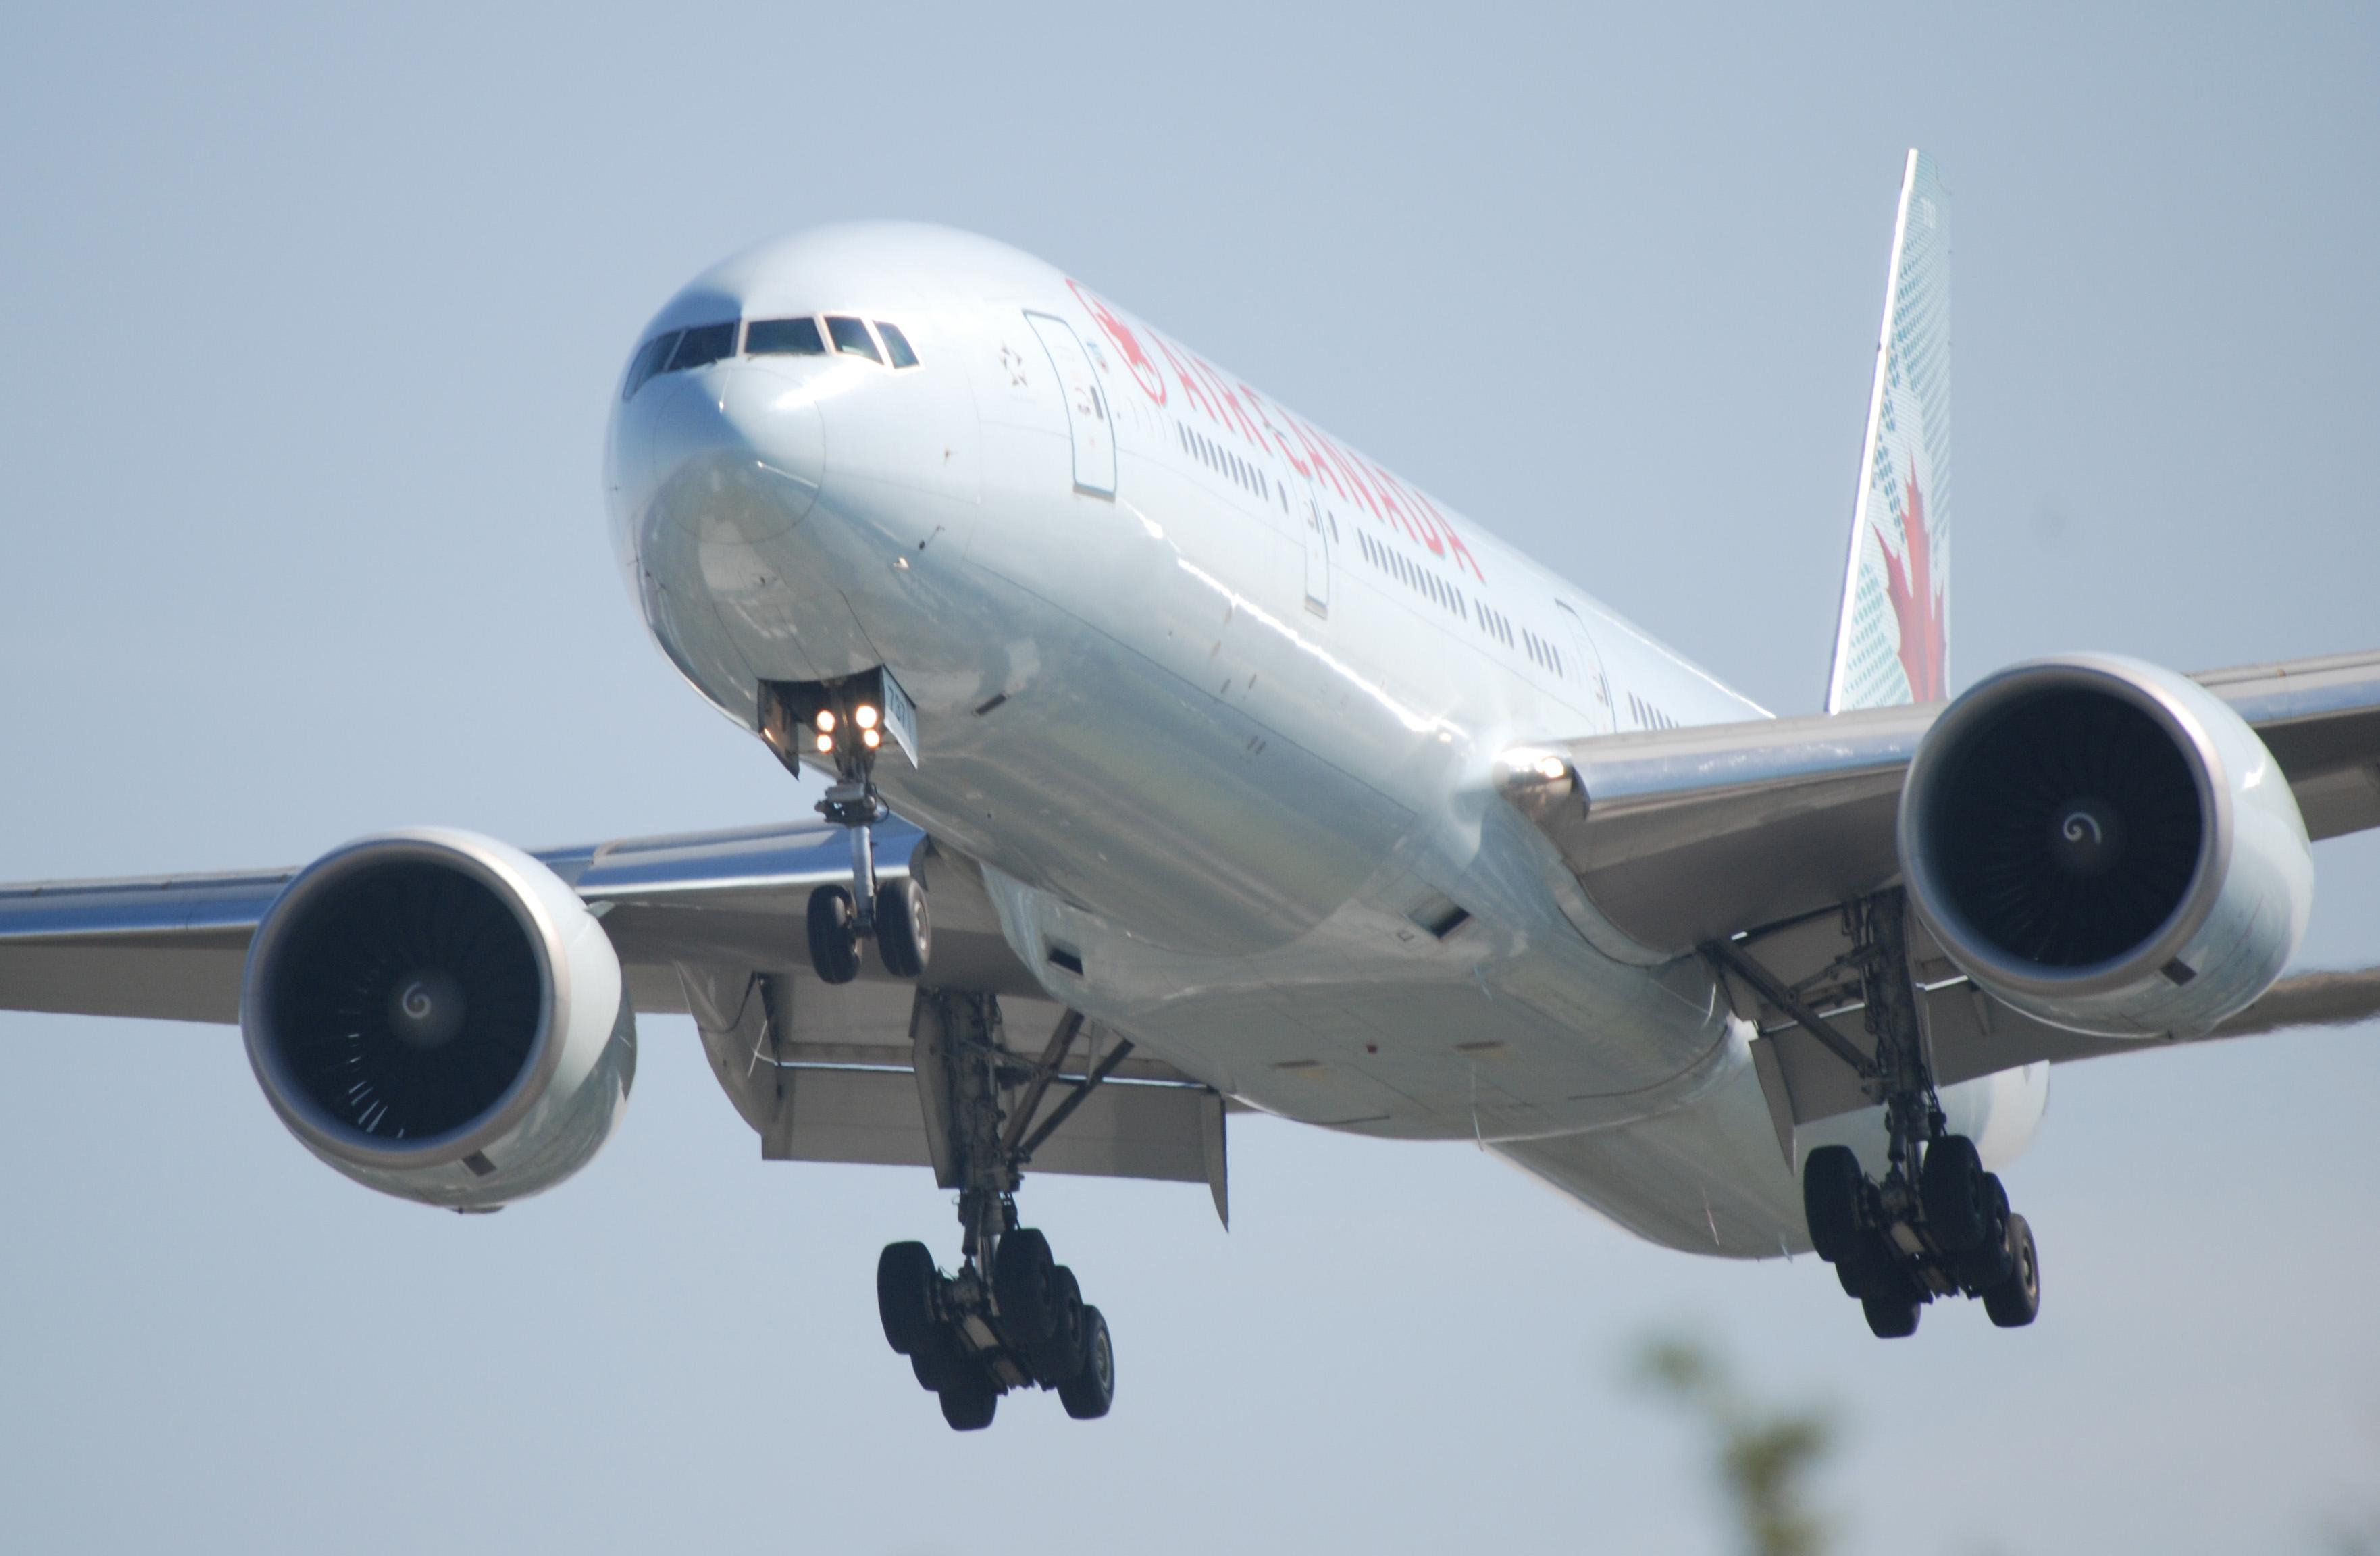 aircanada777crop